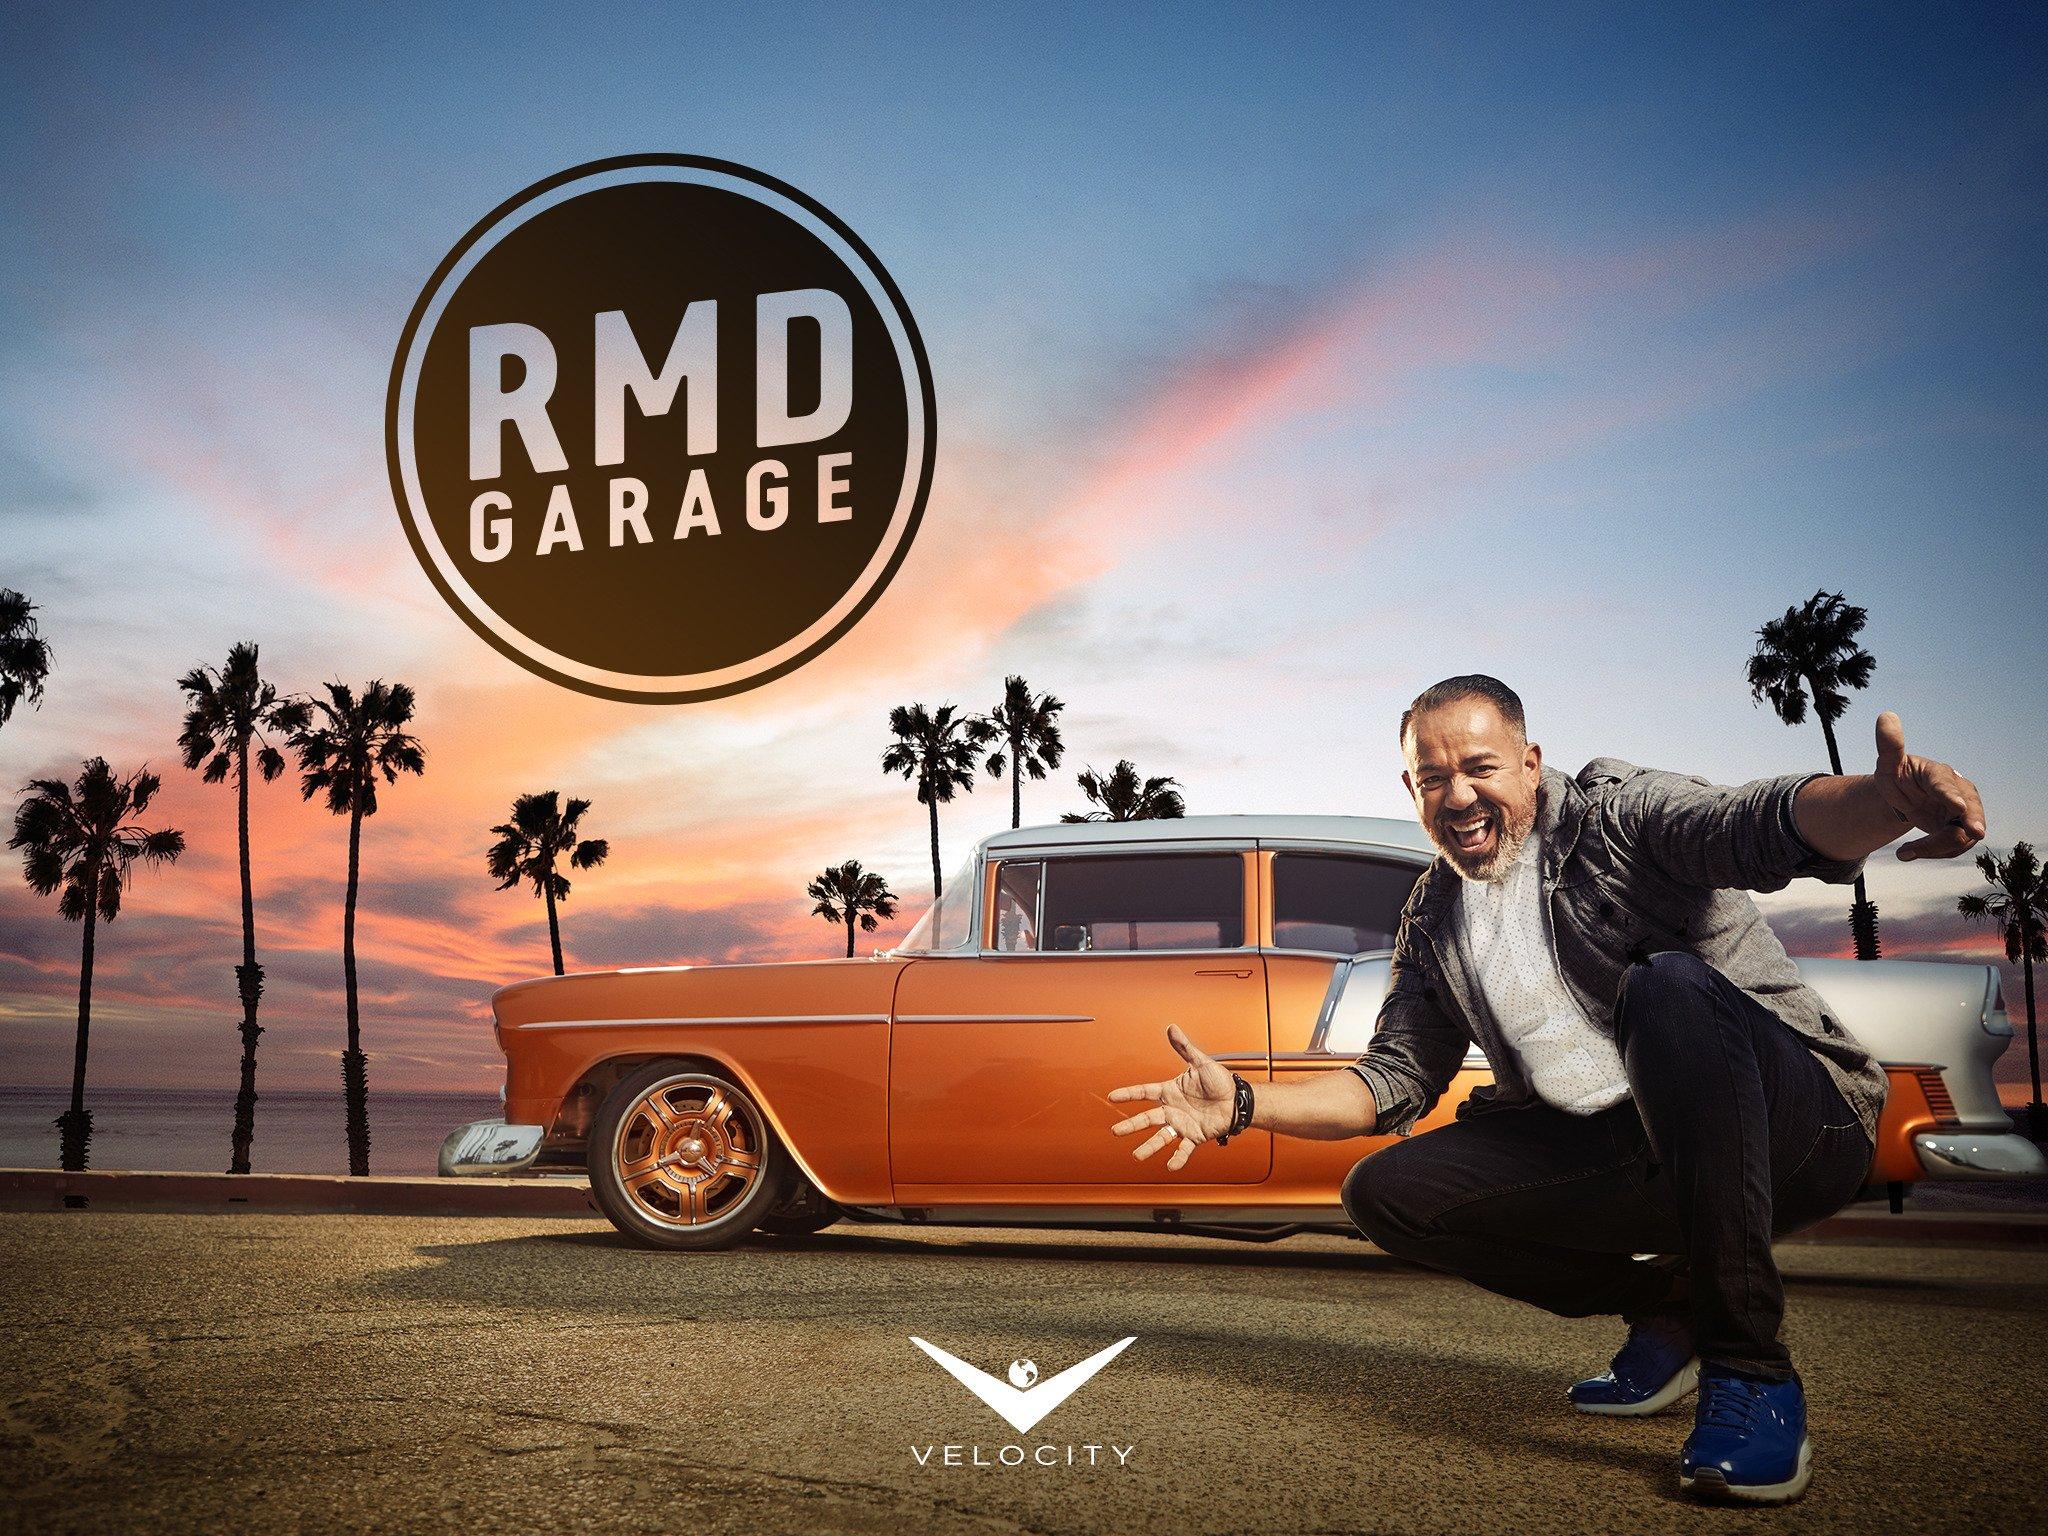 Buy Rmd Now!